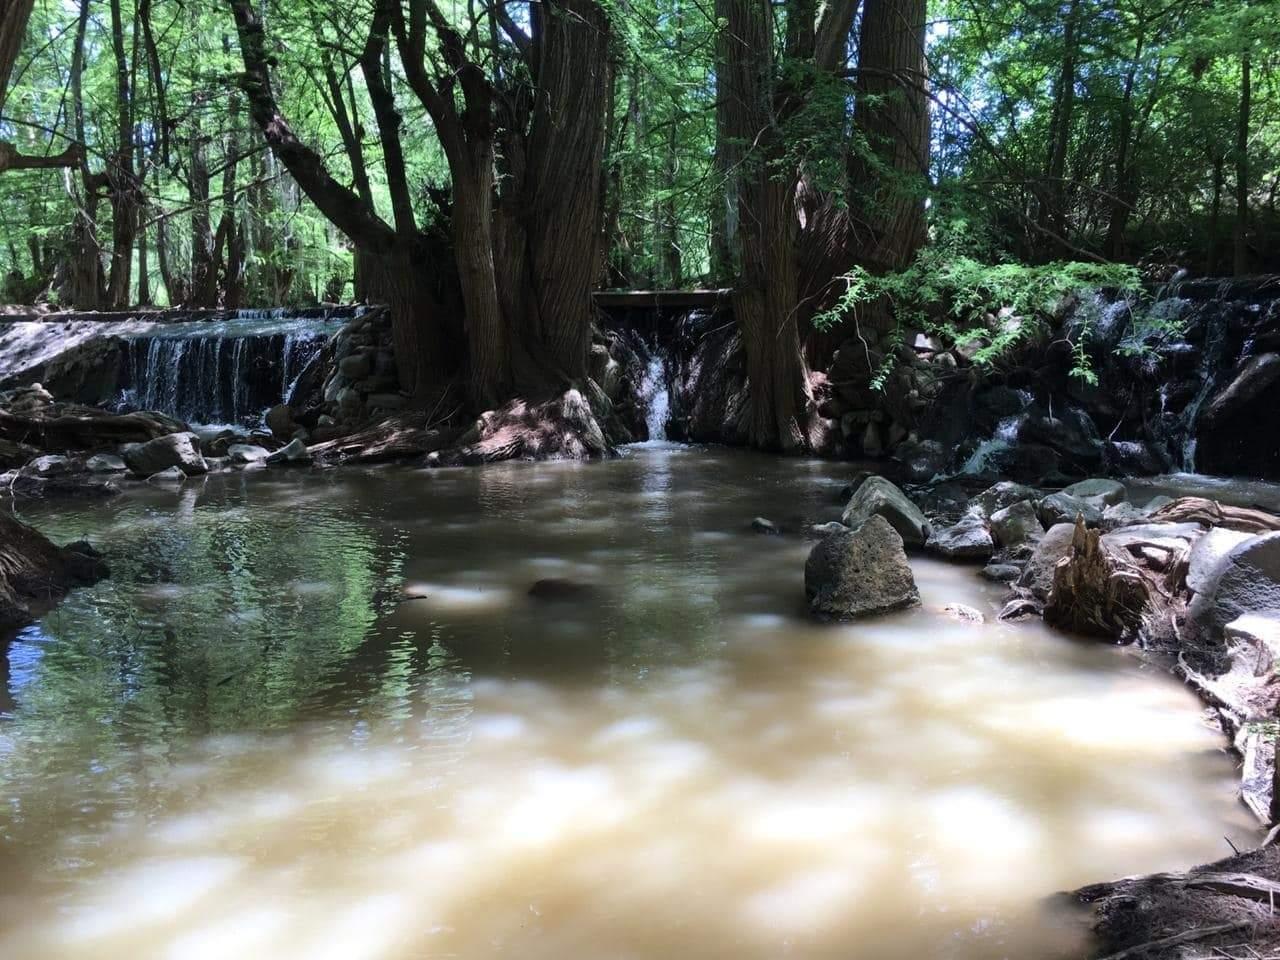 Eliminan descarga de aguas negras en el río Nombre de Dios